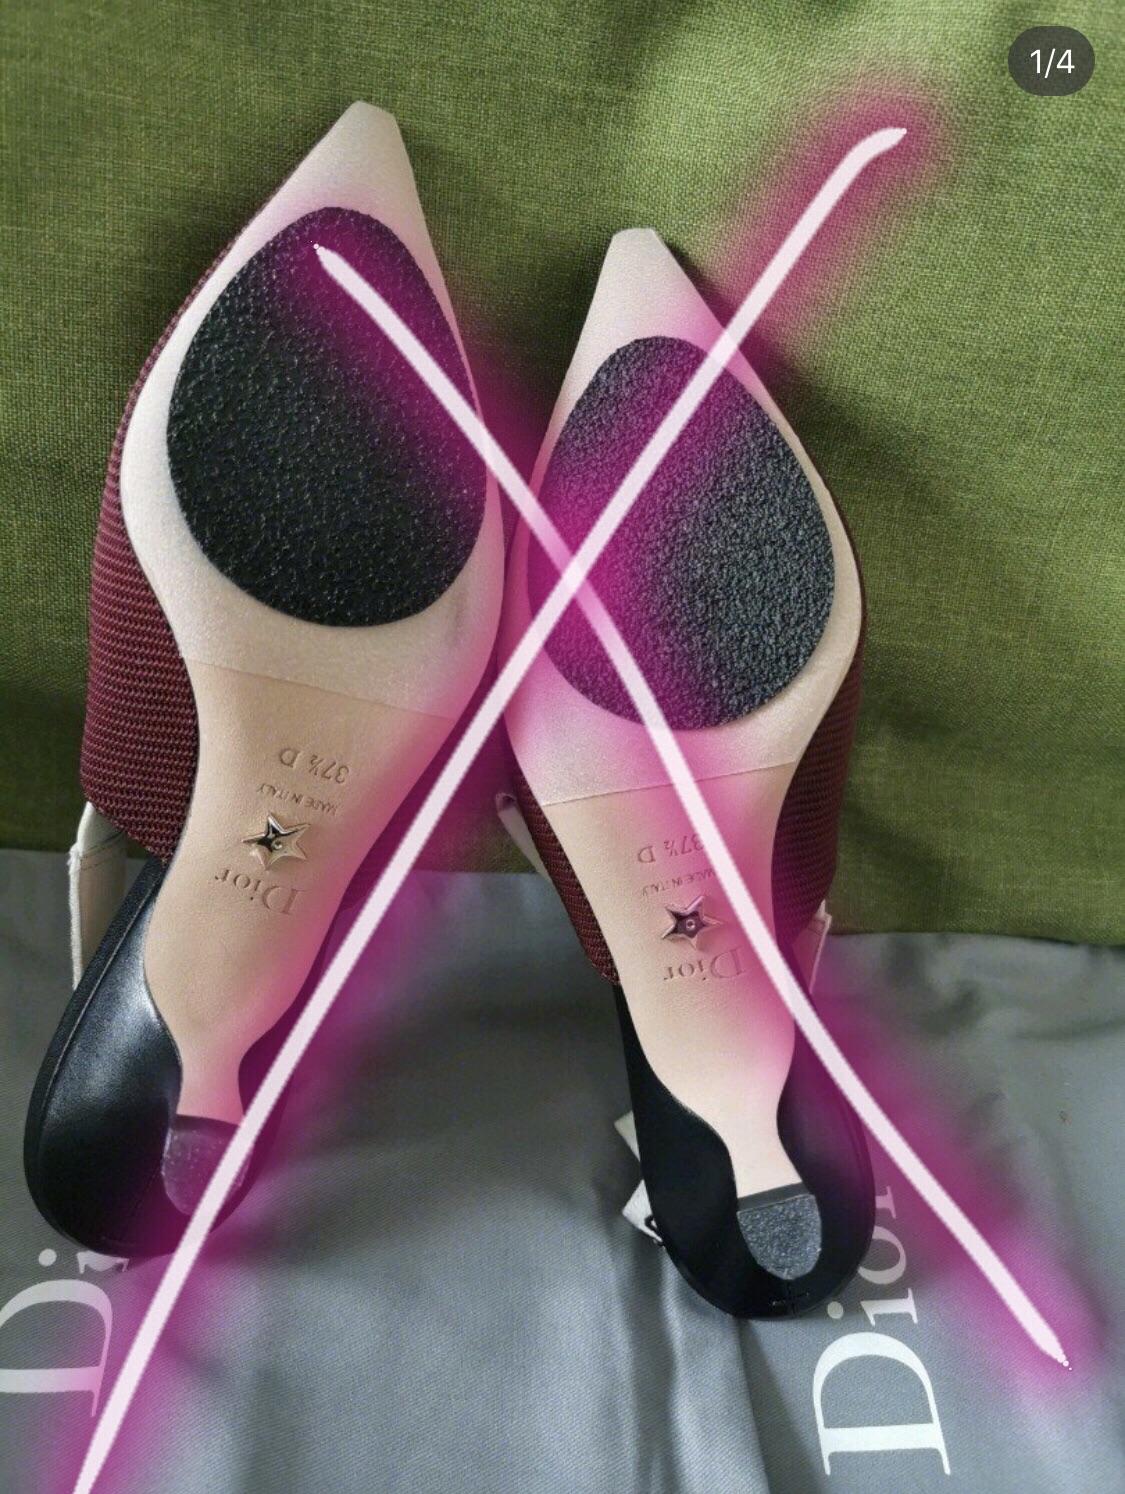 【干货帖】❗️真皮鞋底到底贴不贴 怎么贴❗️